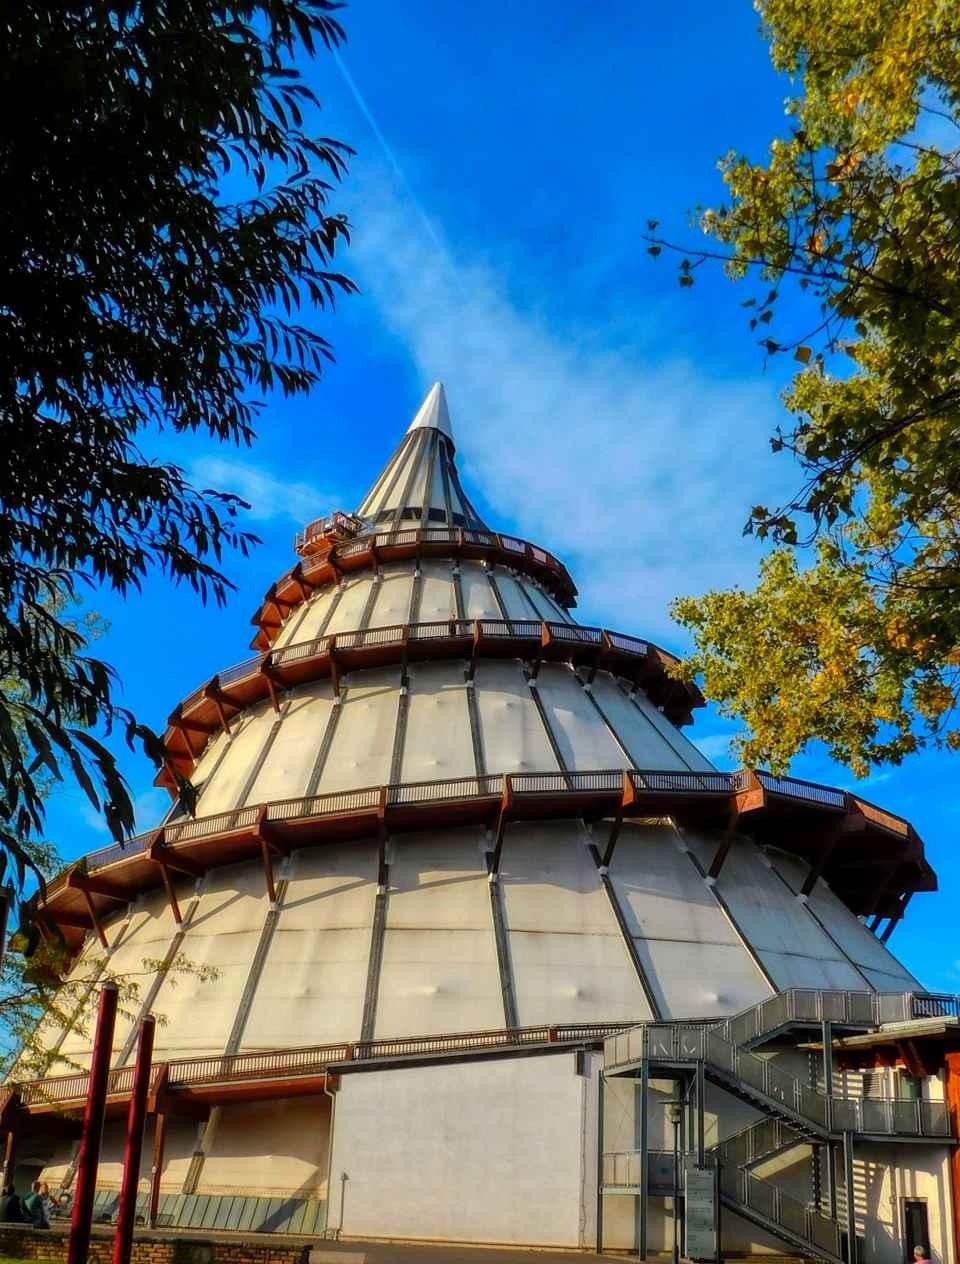 Jahrtausendturm Elbauenpark